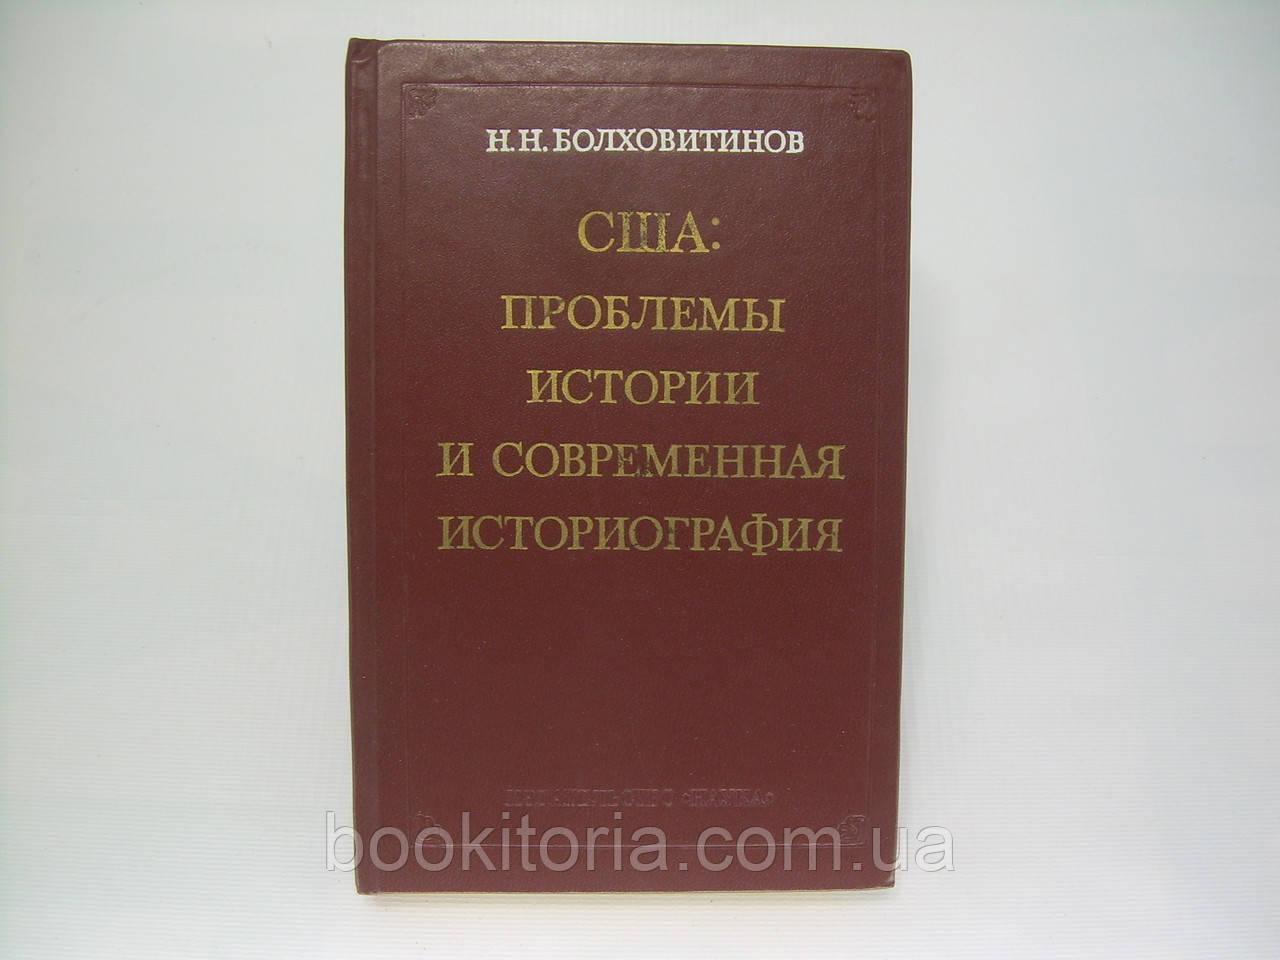 Болховитинов Н.Н. США: проблемы истории и современная историография (б/у).